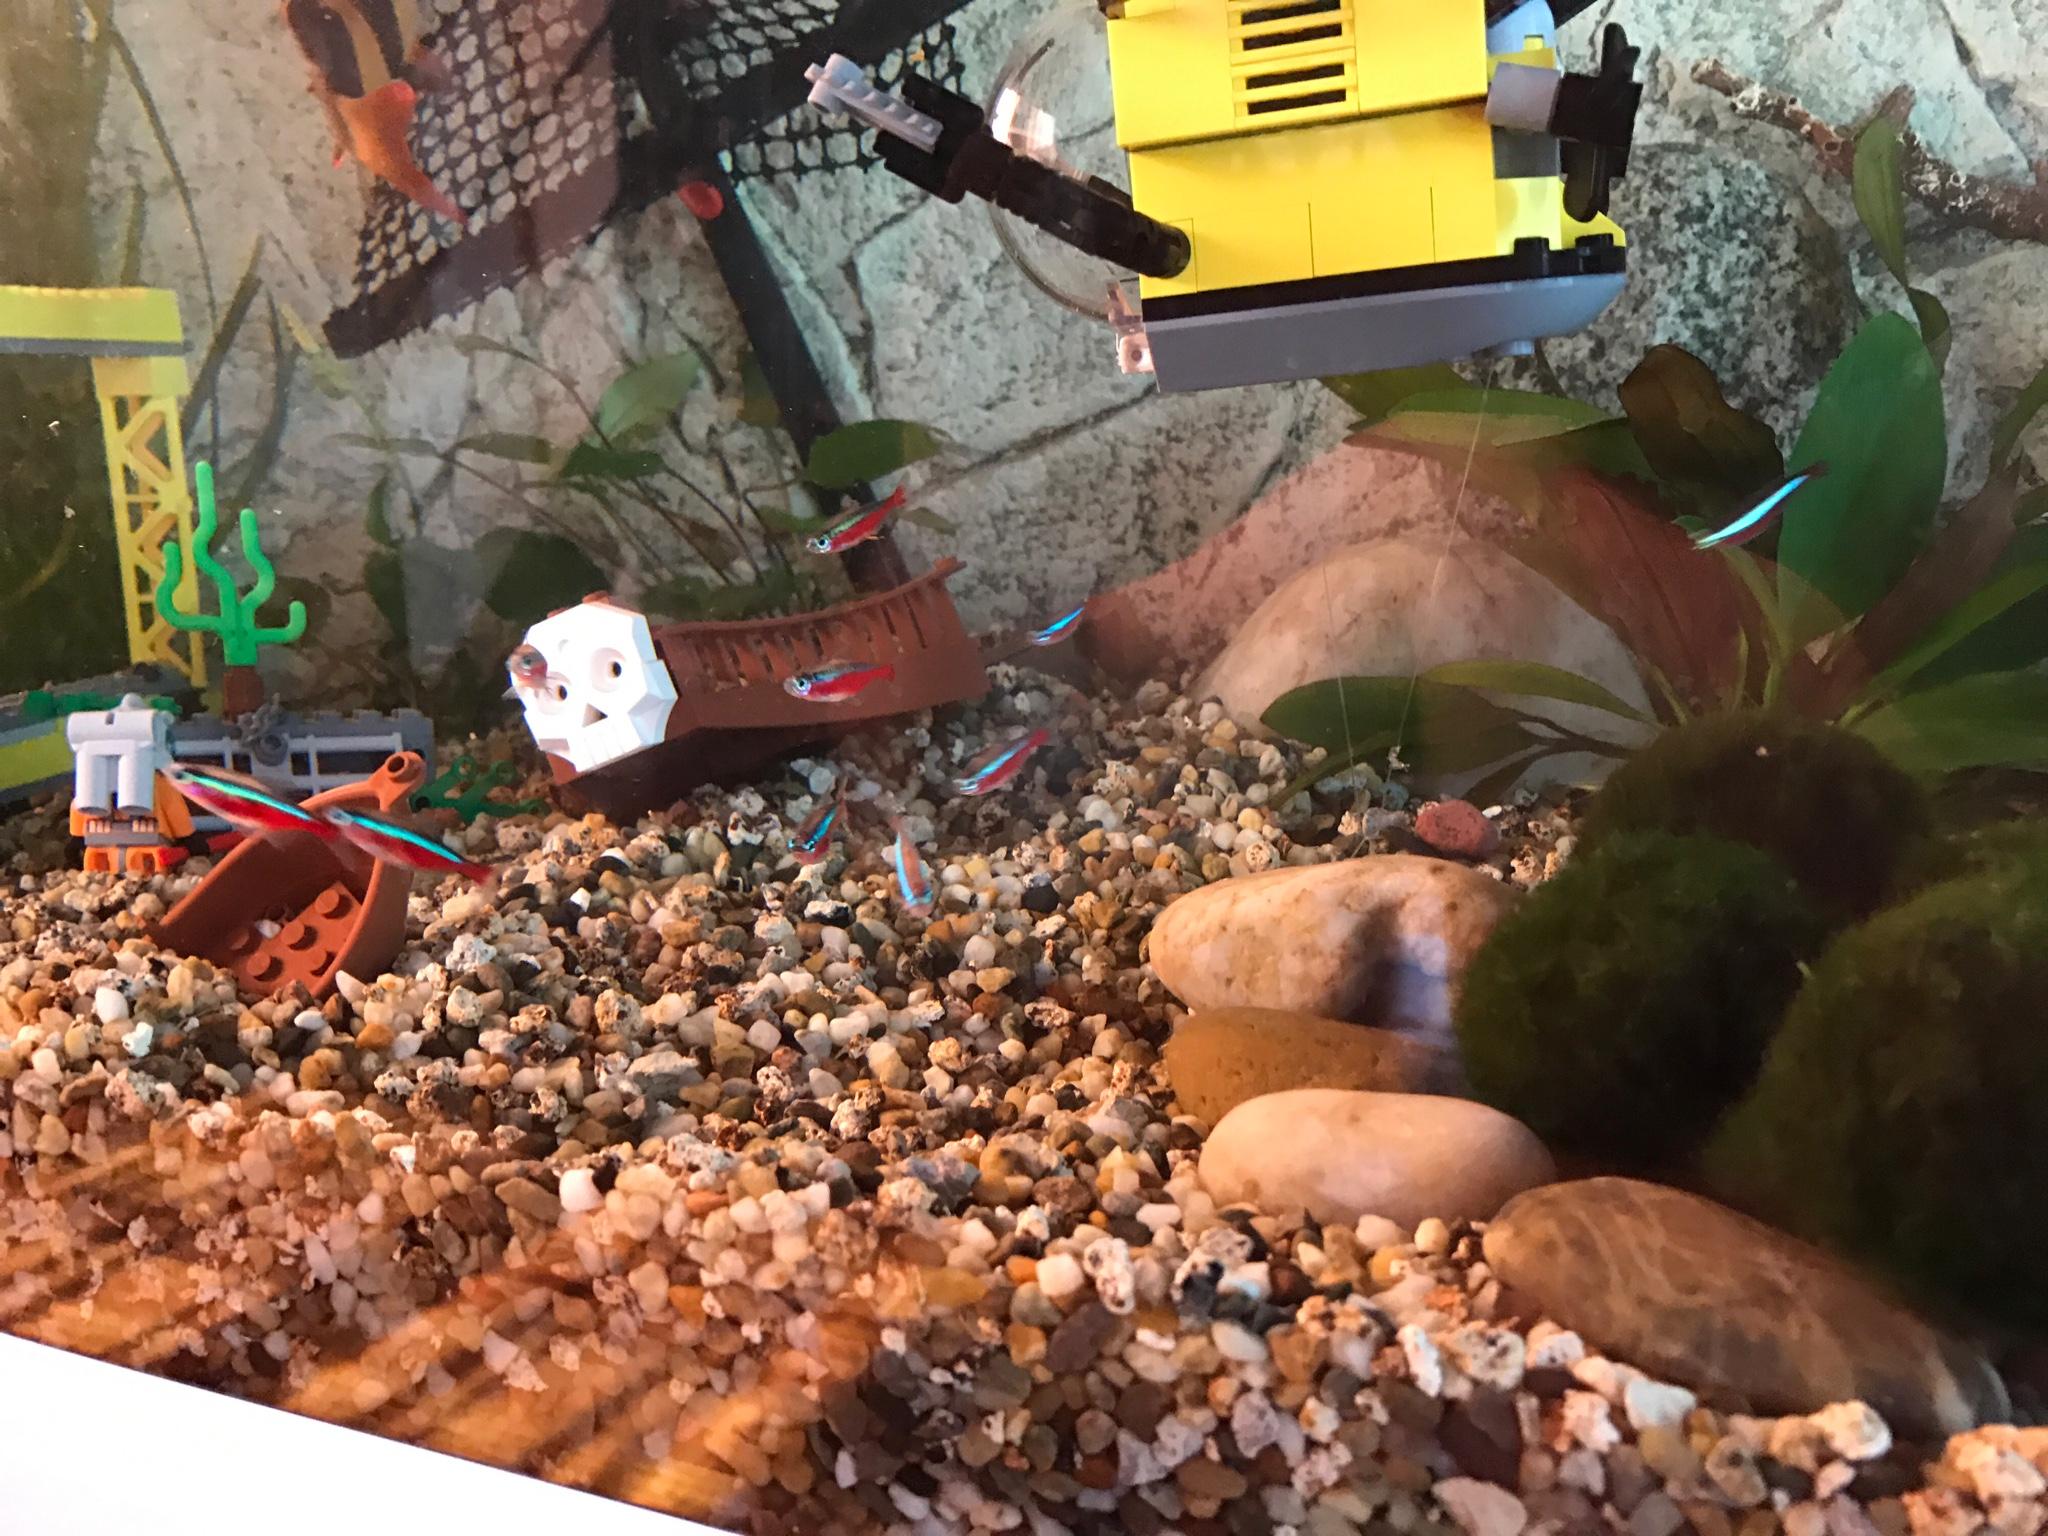 allestimento acquario dolce con piante vere: carassi che mangiano ... - Allestimento Acquario Dolce Con Piante Vere